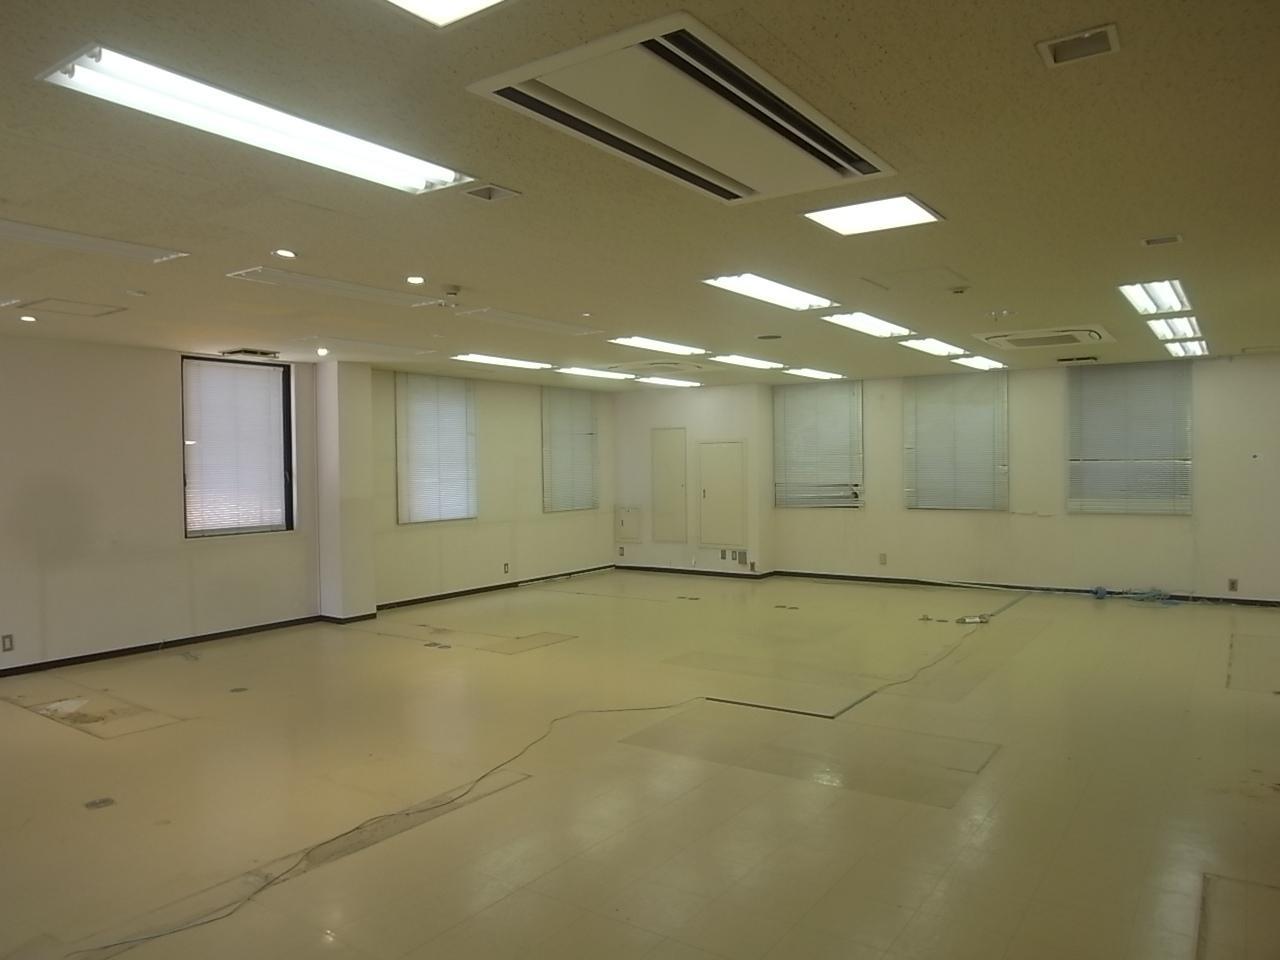 4F。以下の階はこんな感じのオフィス仕様。